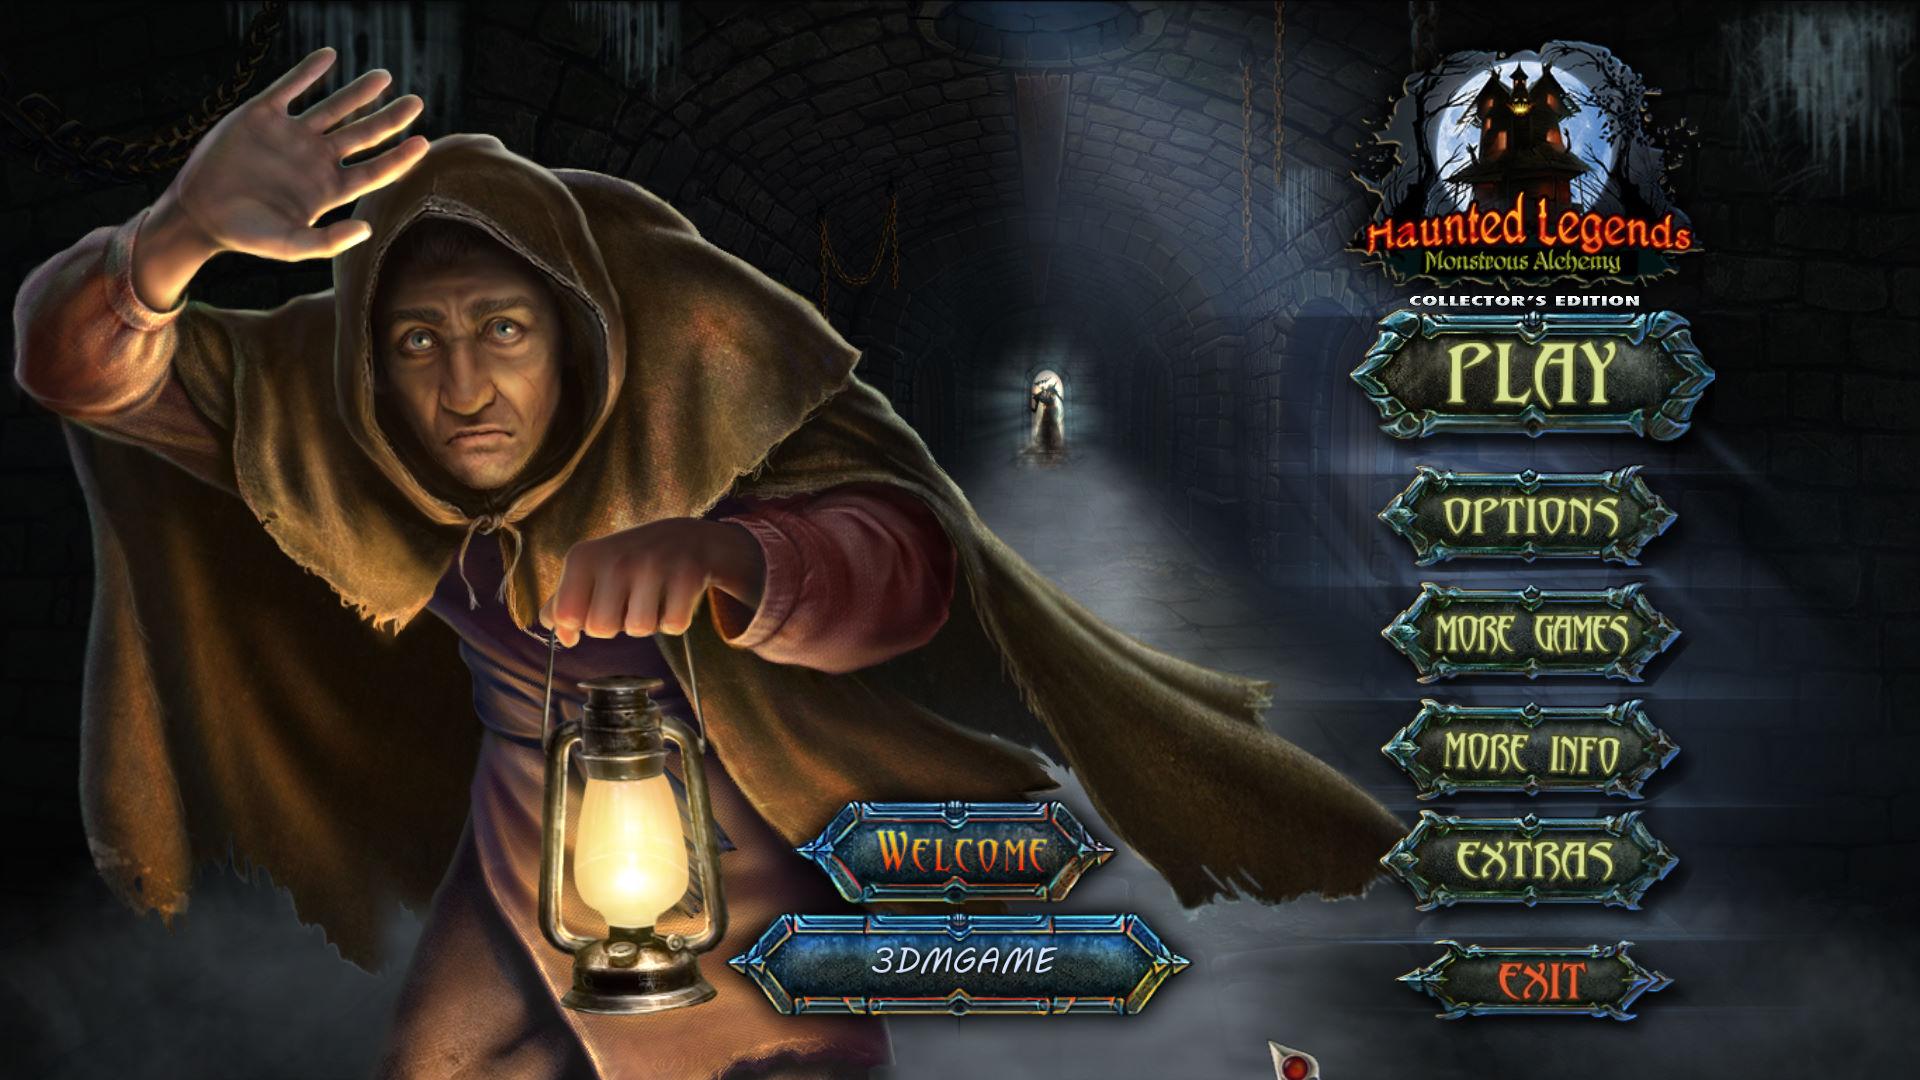 幽灵传说12:邪恶法术 游戏截图